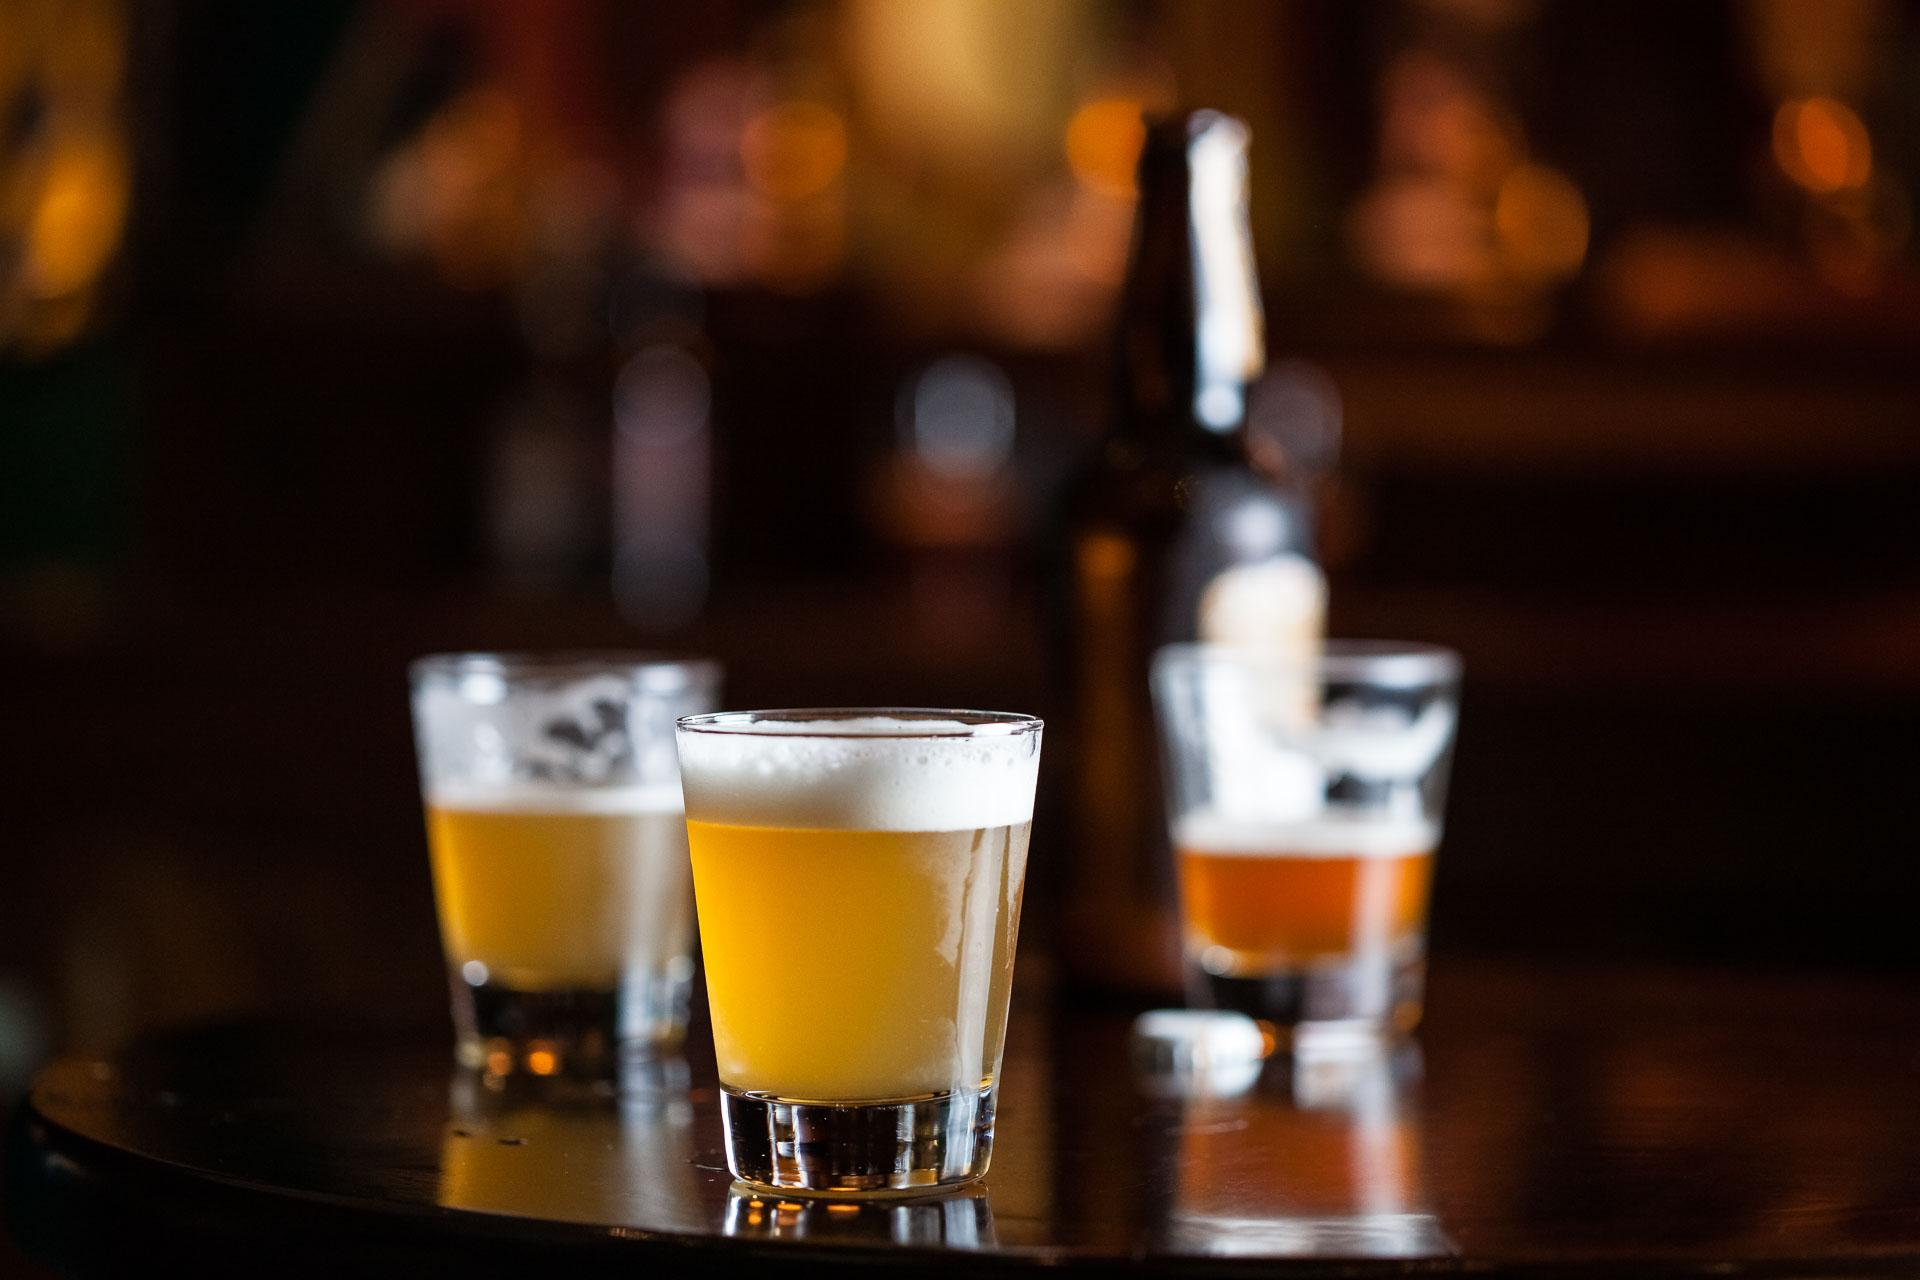 Cervejas servidas em uma mesa de bar